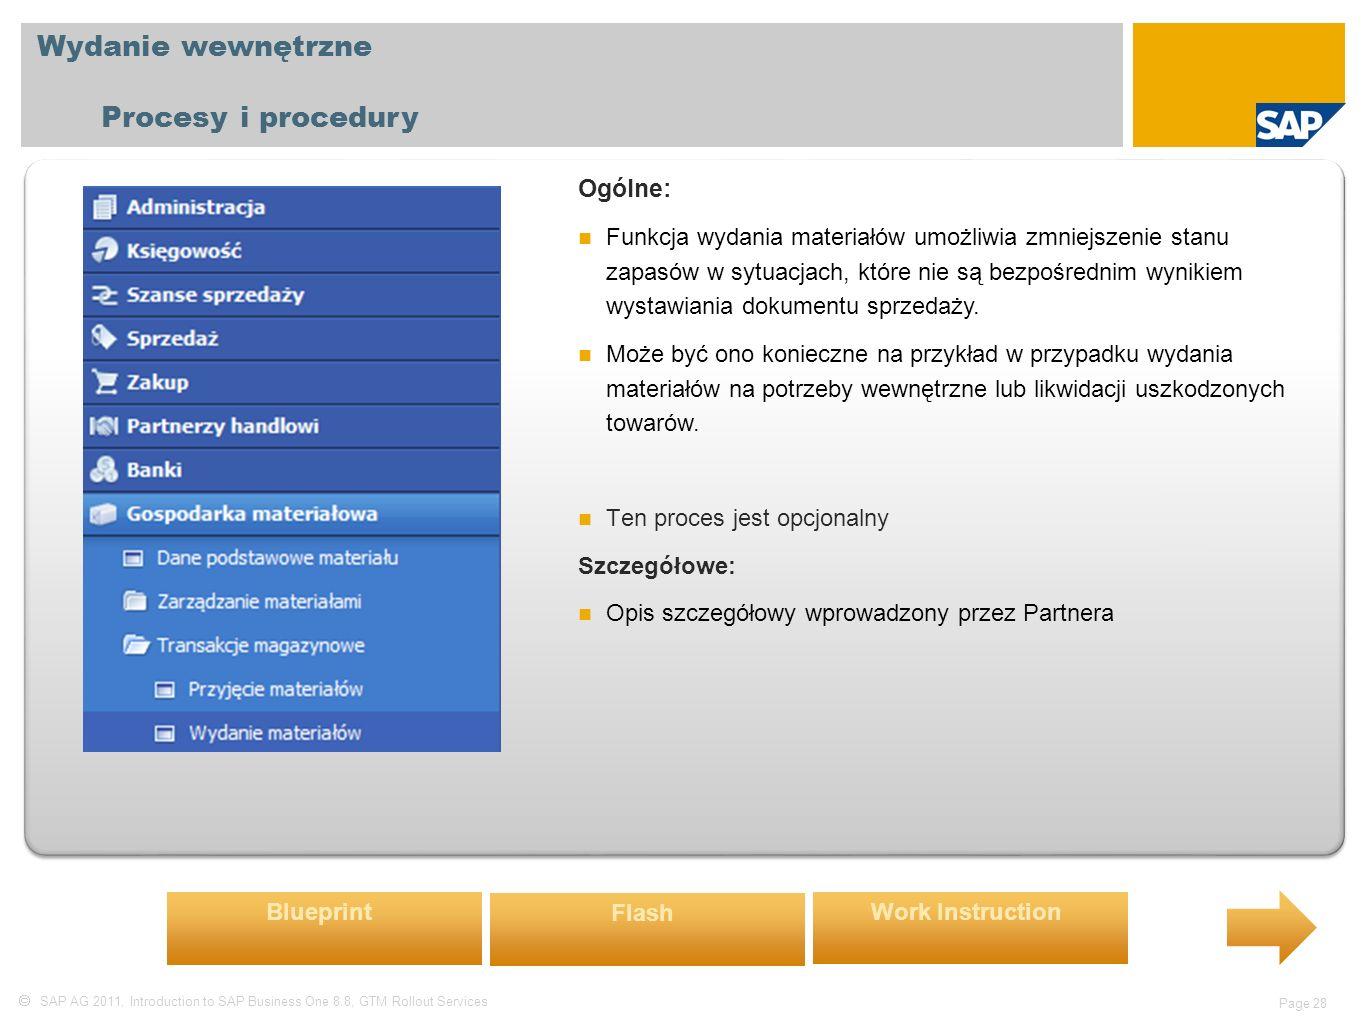  SAP AG 2011, Introduction to SAP Business One 8.8, GTM Rollout Services Page 28 Wydanie wewnętrzne Procesy i procedury Ogólne: Funkcja wydania materiałów umożliwia zmniejszenie stanu zapasów w sytuacjach, które nie są bezpośrednim wynikiem wystawiania dokumentu sprzedaży.